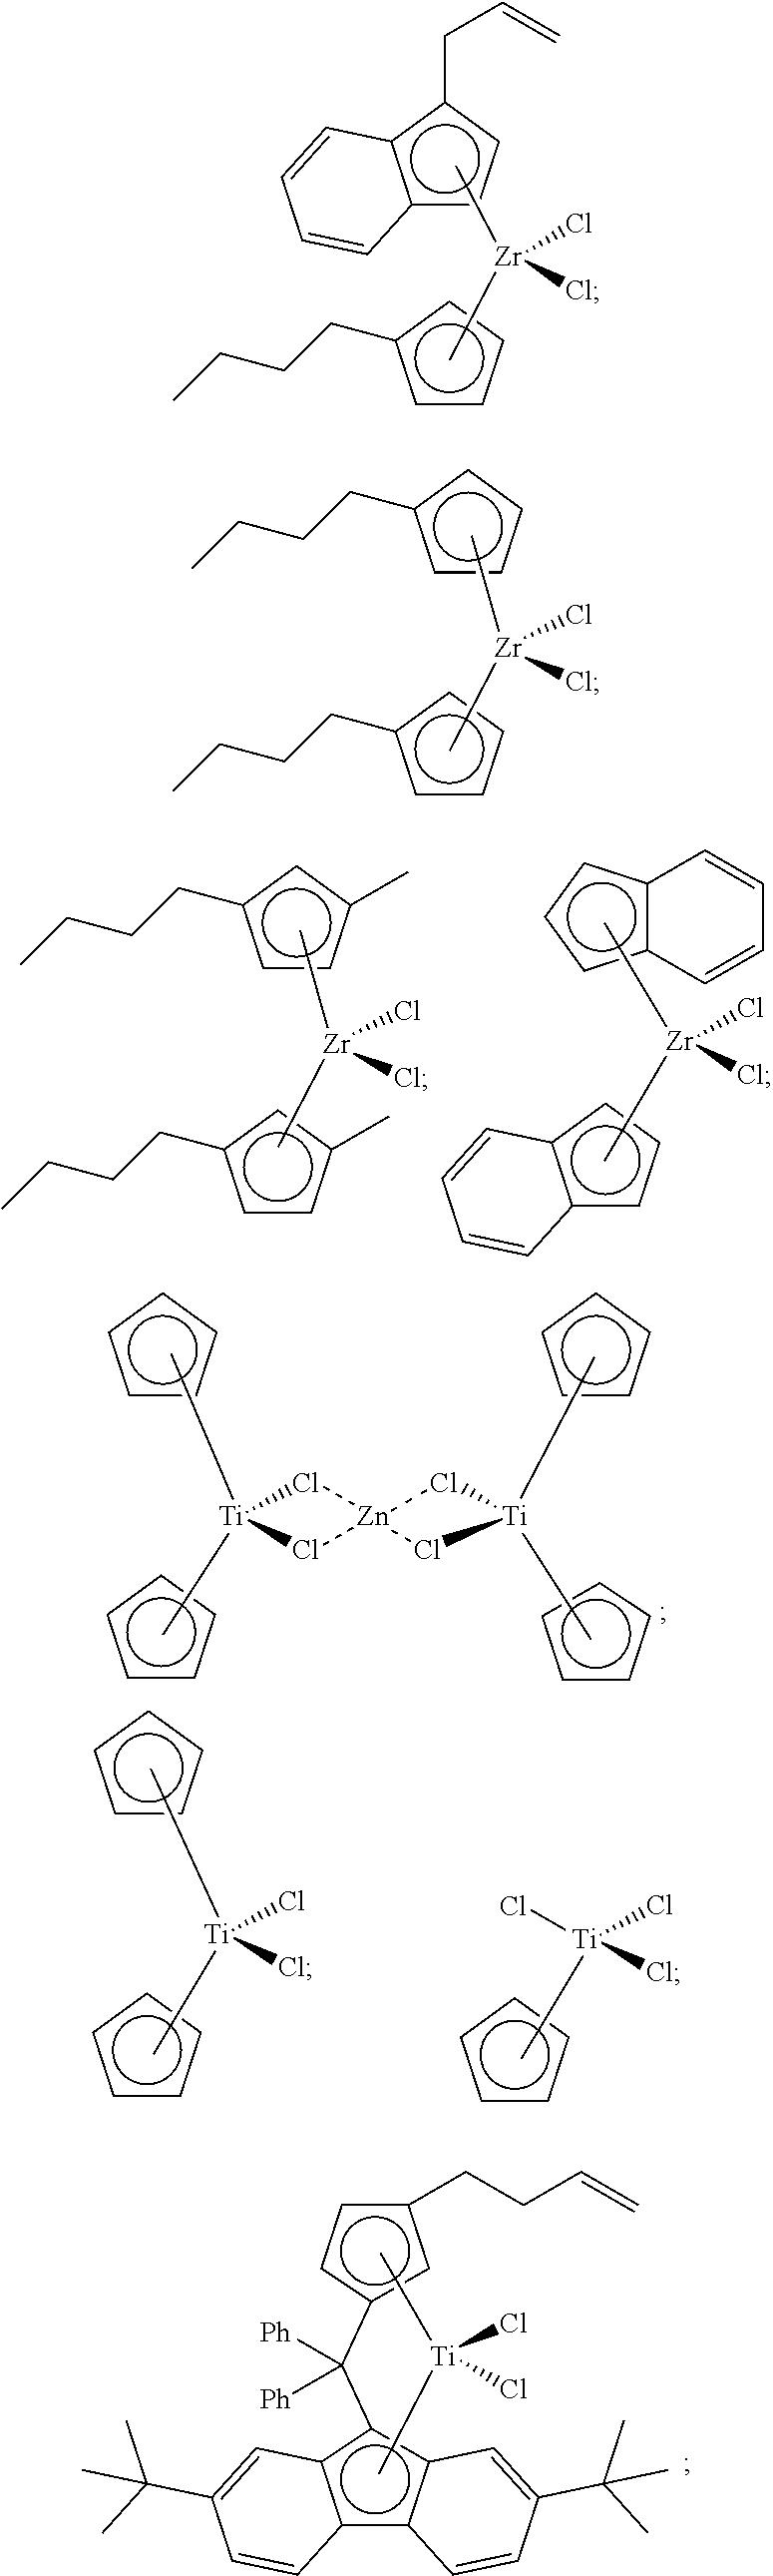 Figure US08748546-20140610-C00003